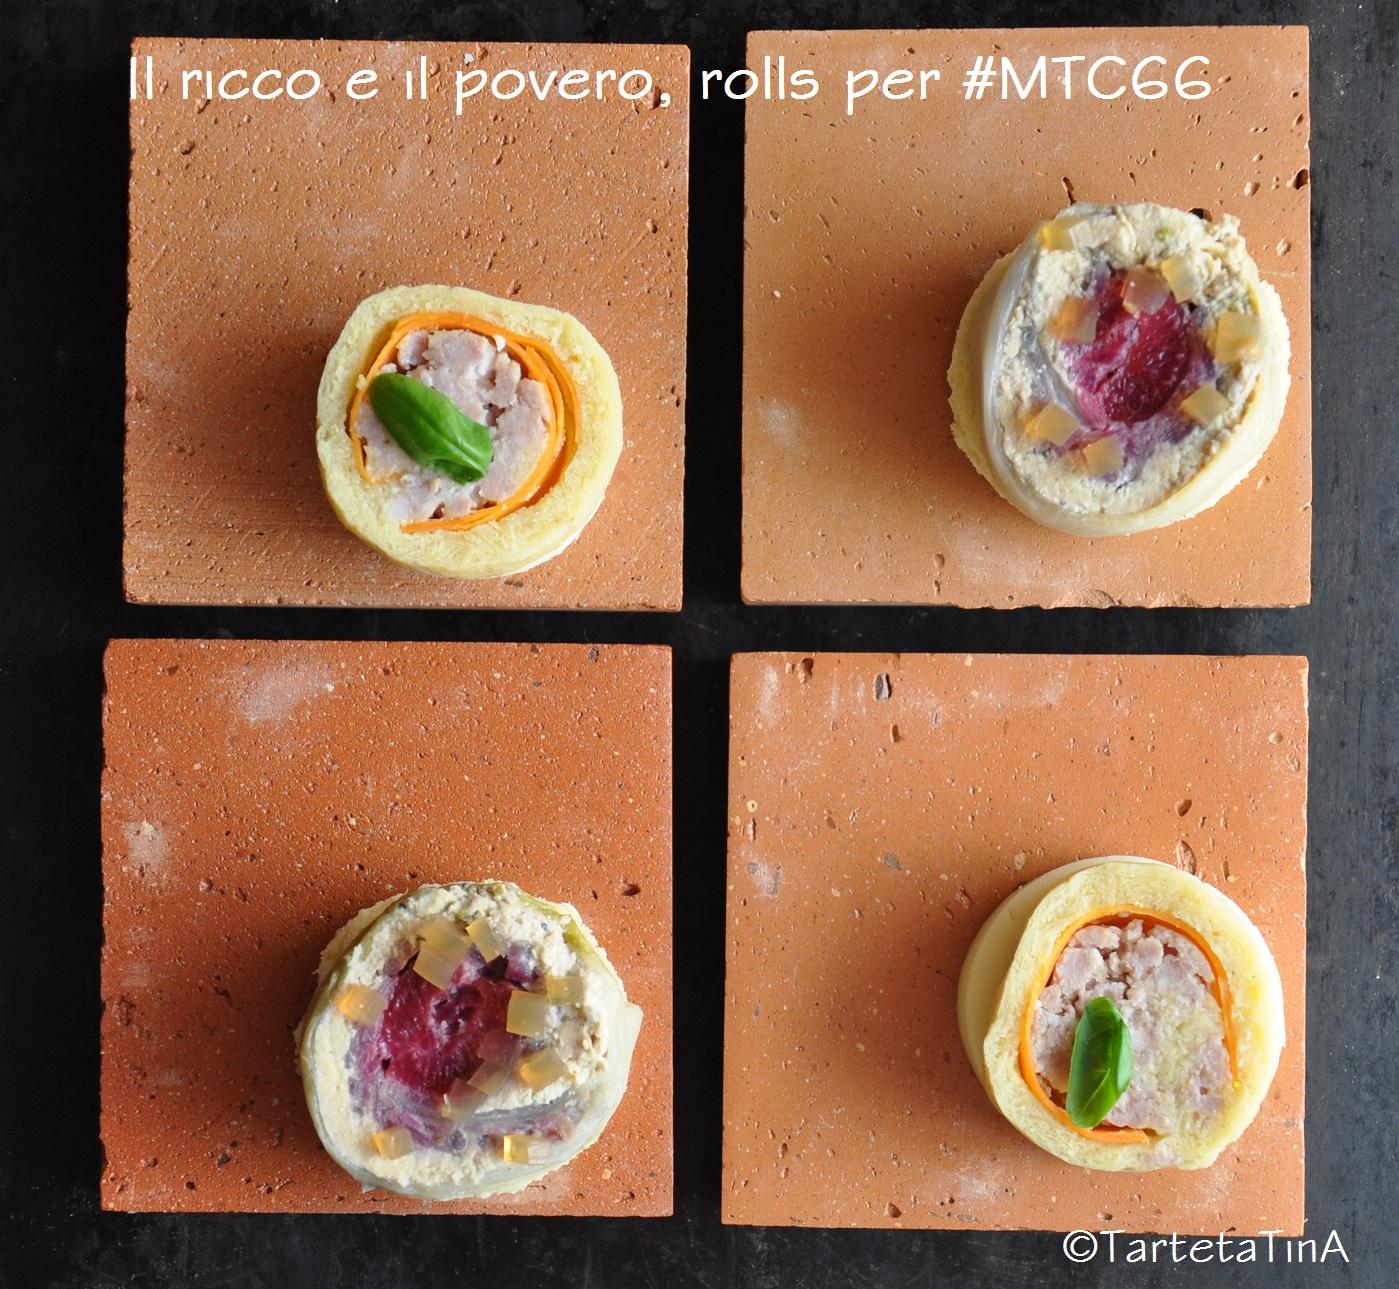 Il ricco e il povero, rolls per #MTC66